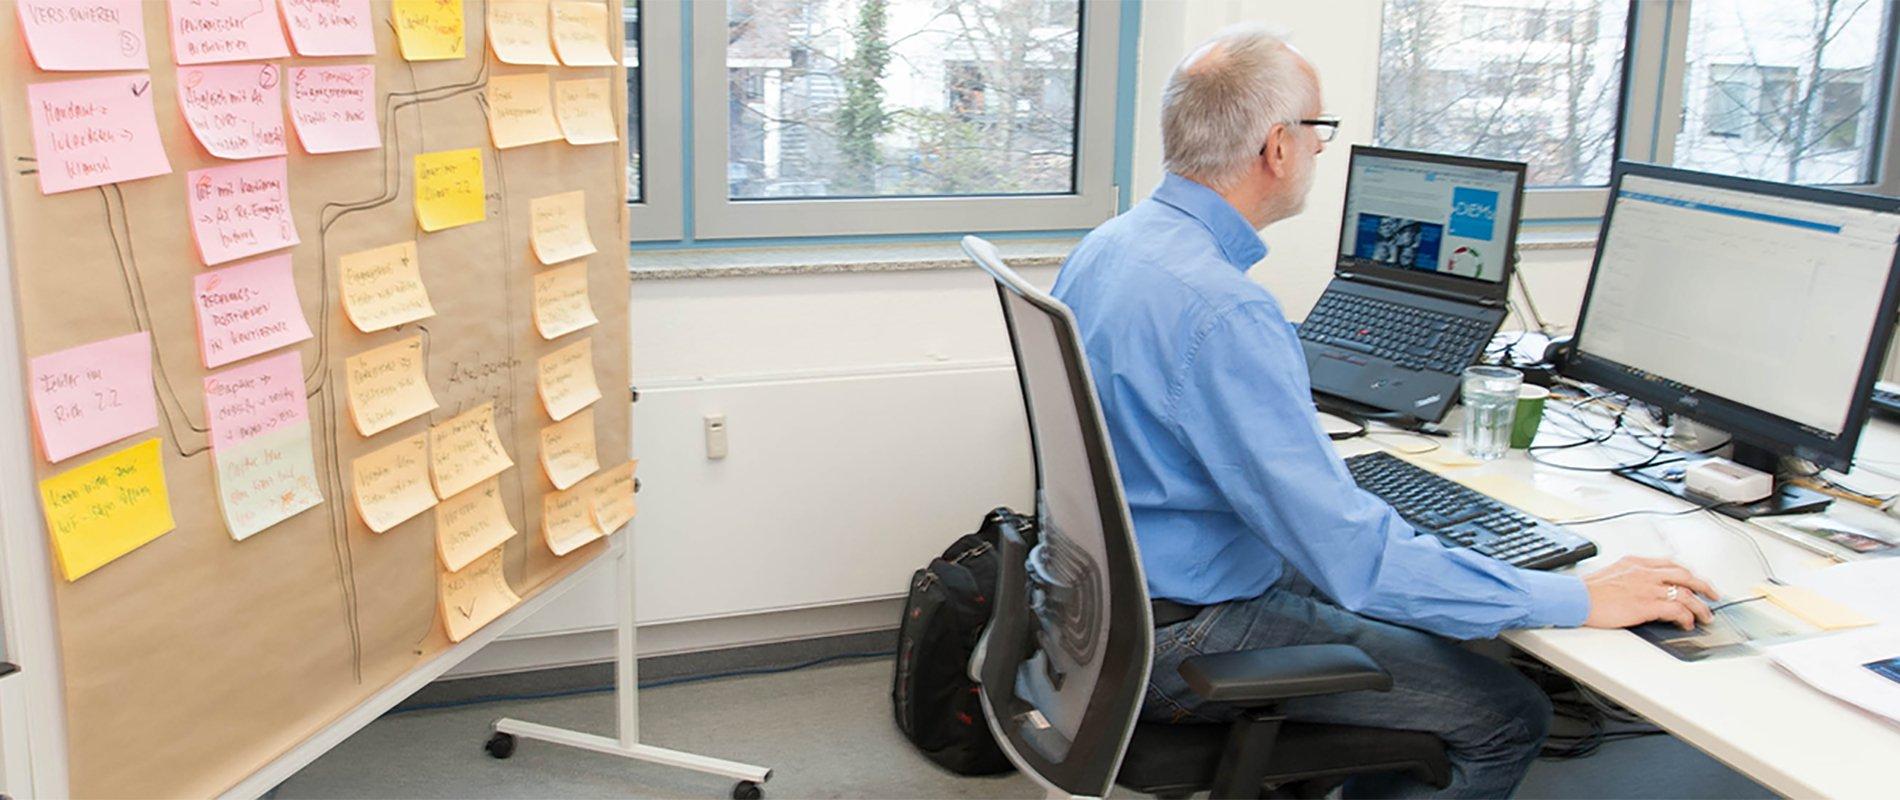 Titelbild des Jobangebots im Bereich Projektleitung